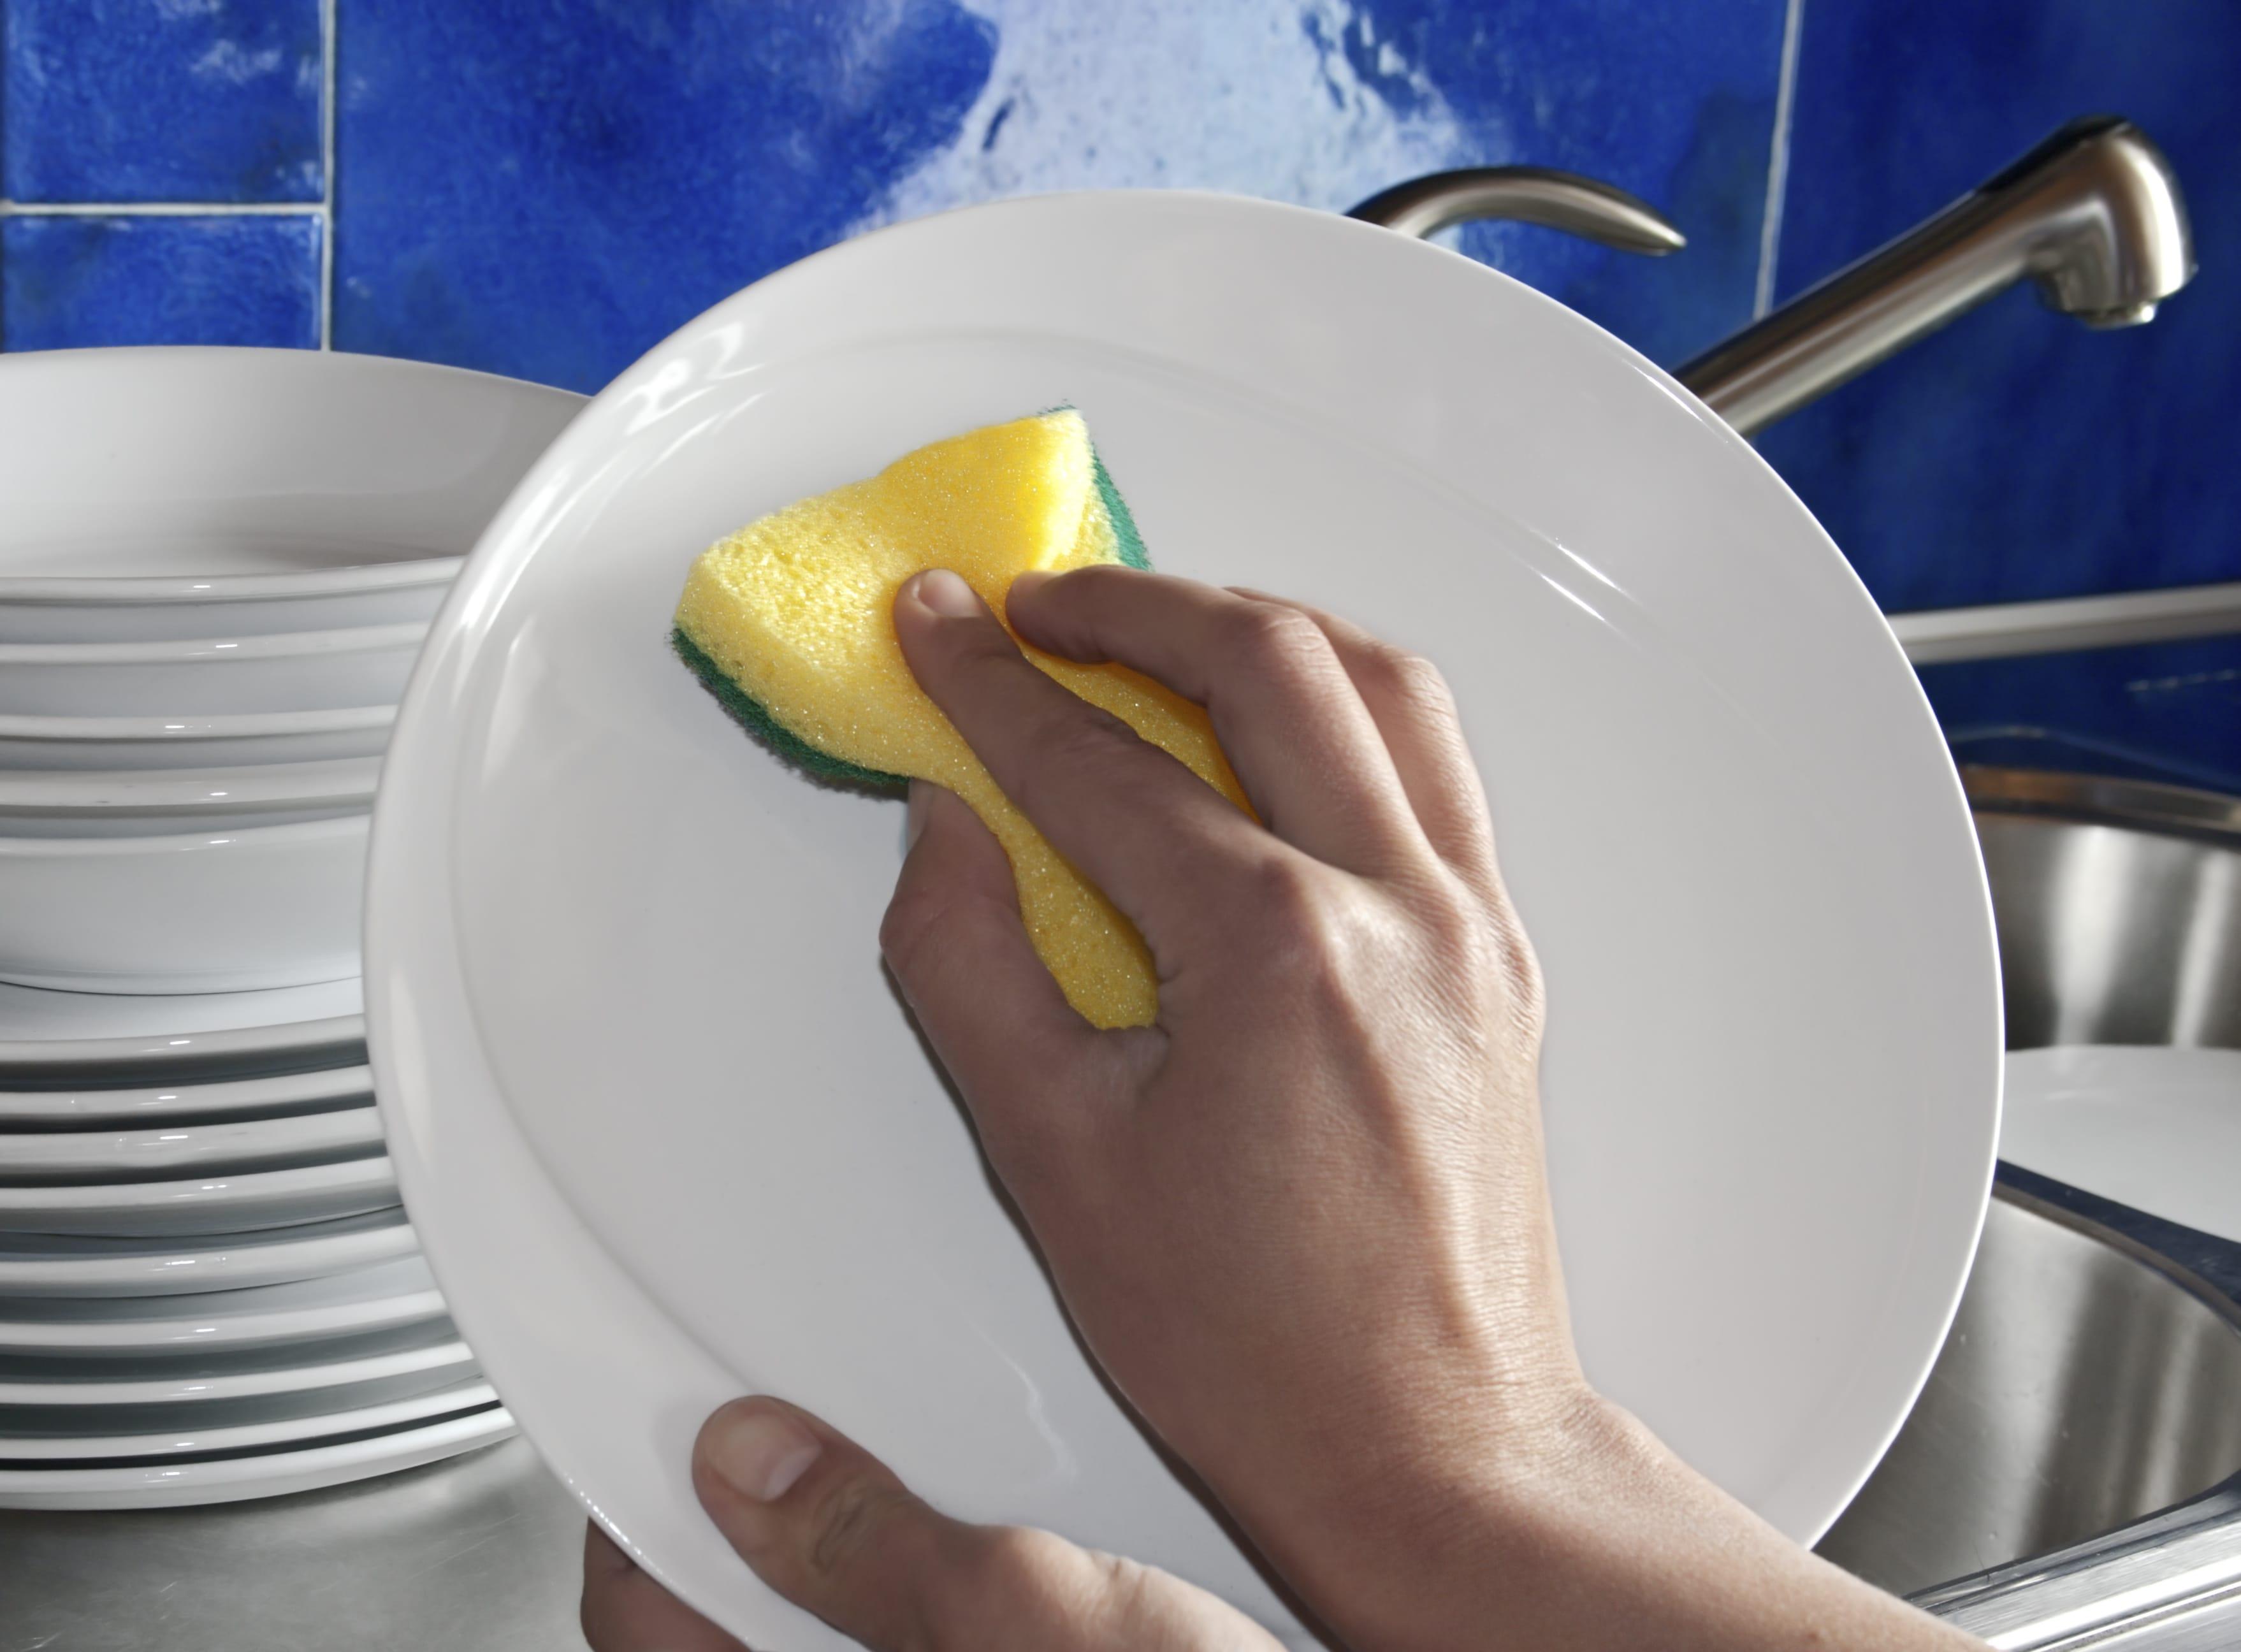 detersivo per piatti fatto in casa